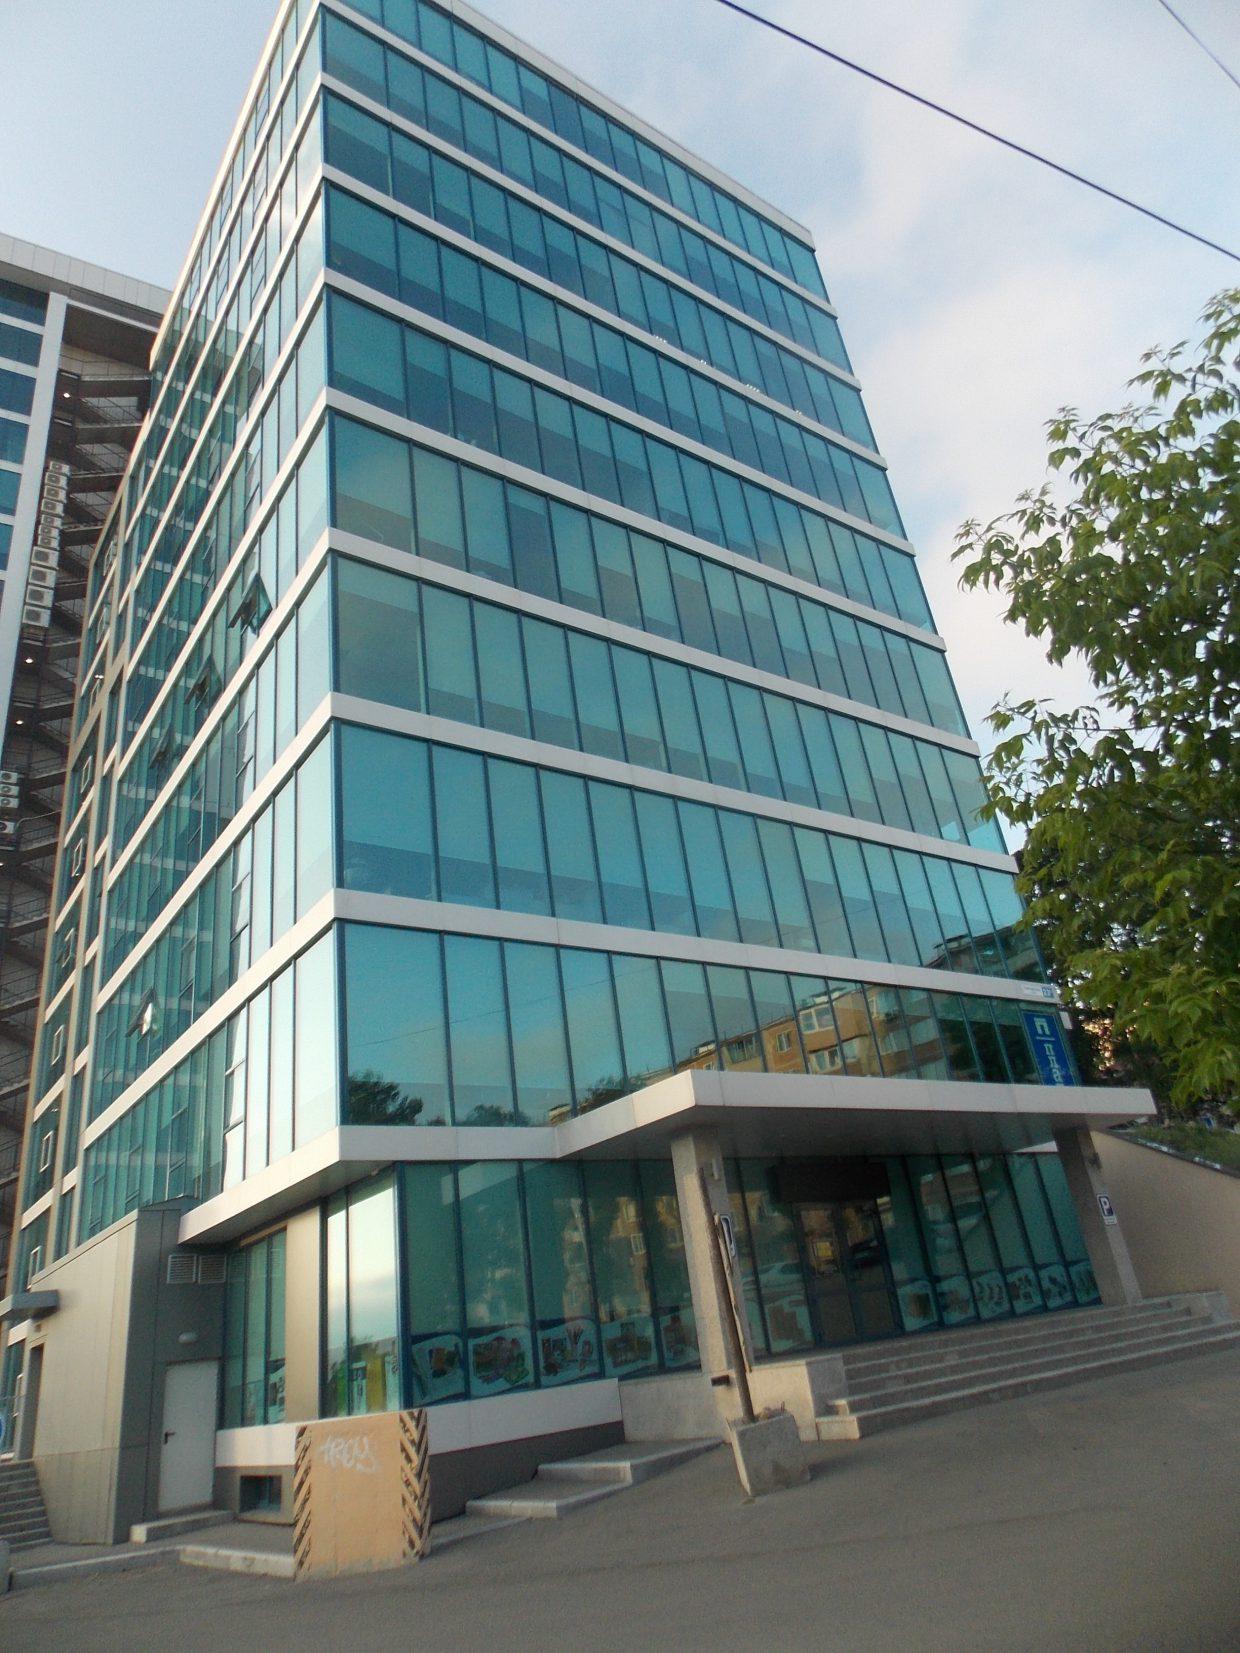 Административно-гостиничный комплекс расположен по адресу ул. Енисейская,7 в г. Владивостоке